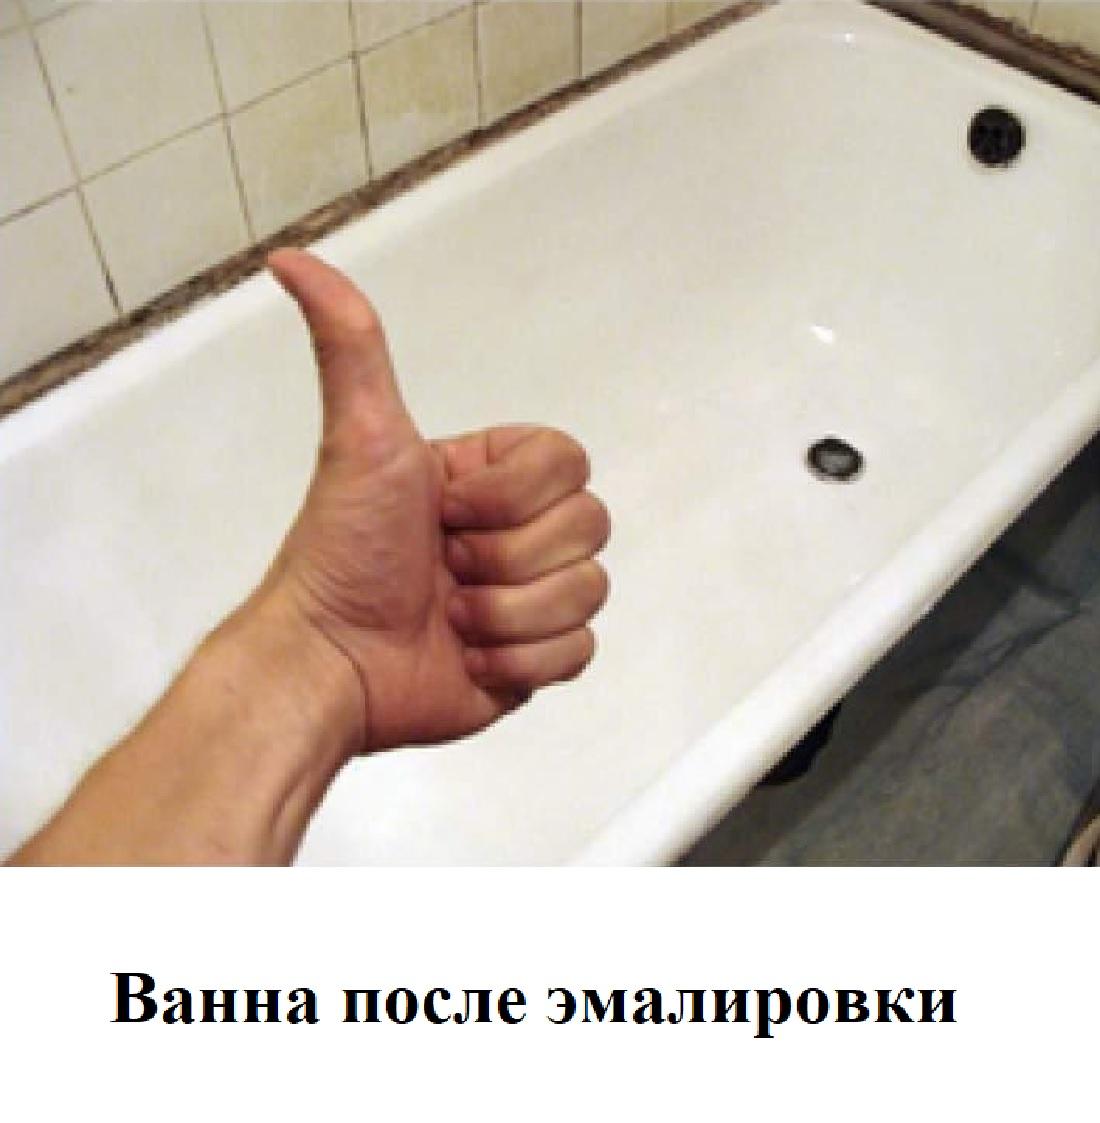 Ванна после эмалировки